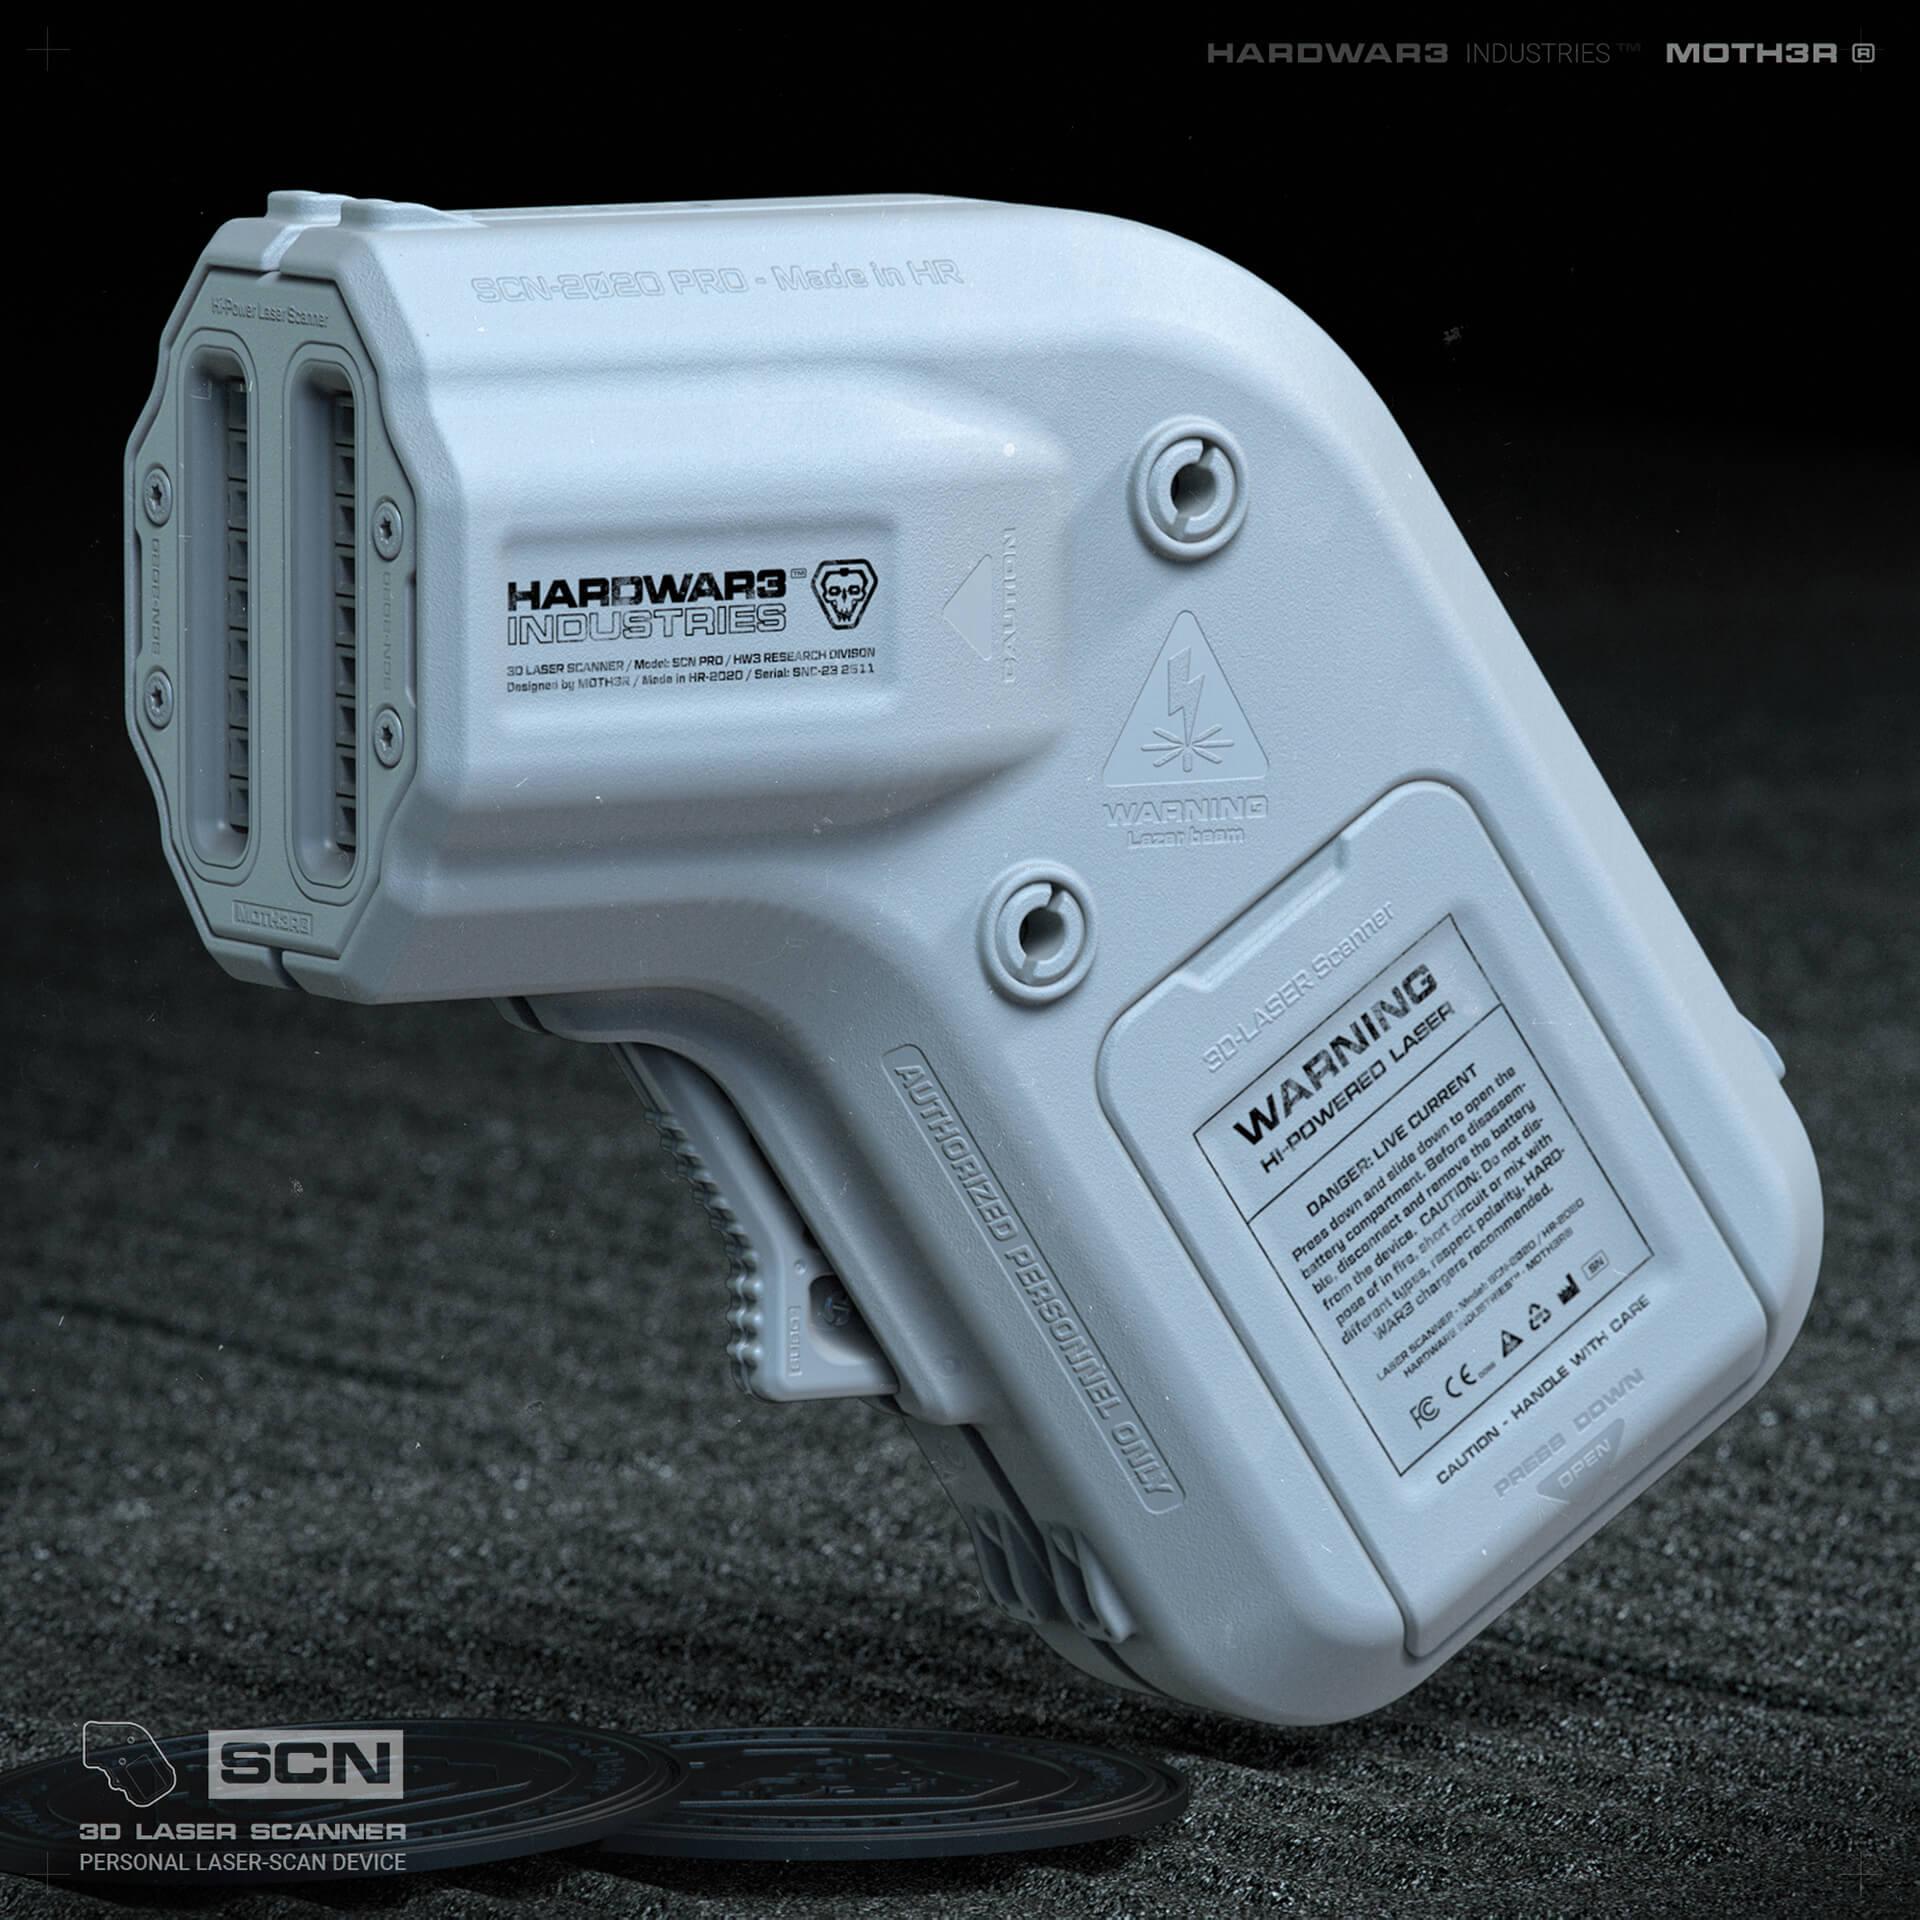 Scanner-001.94